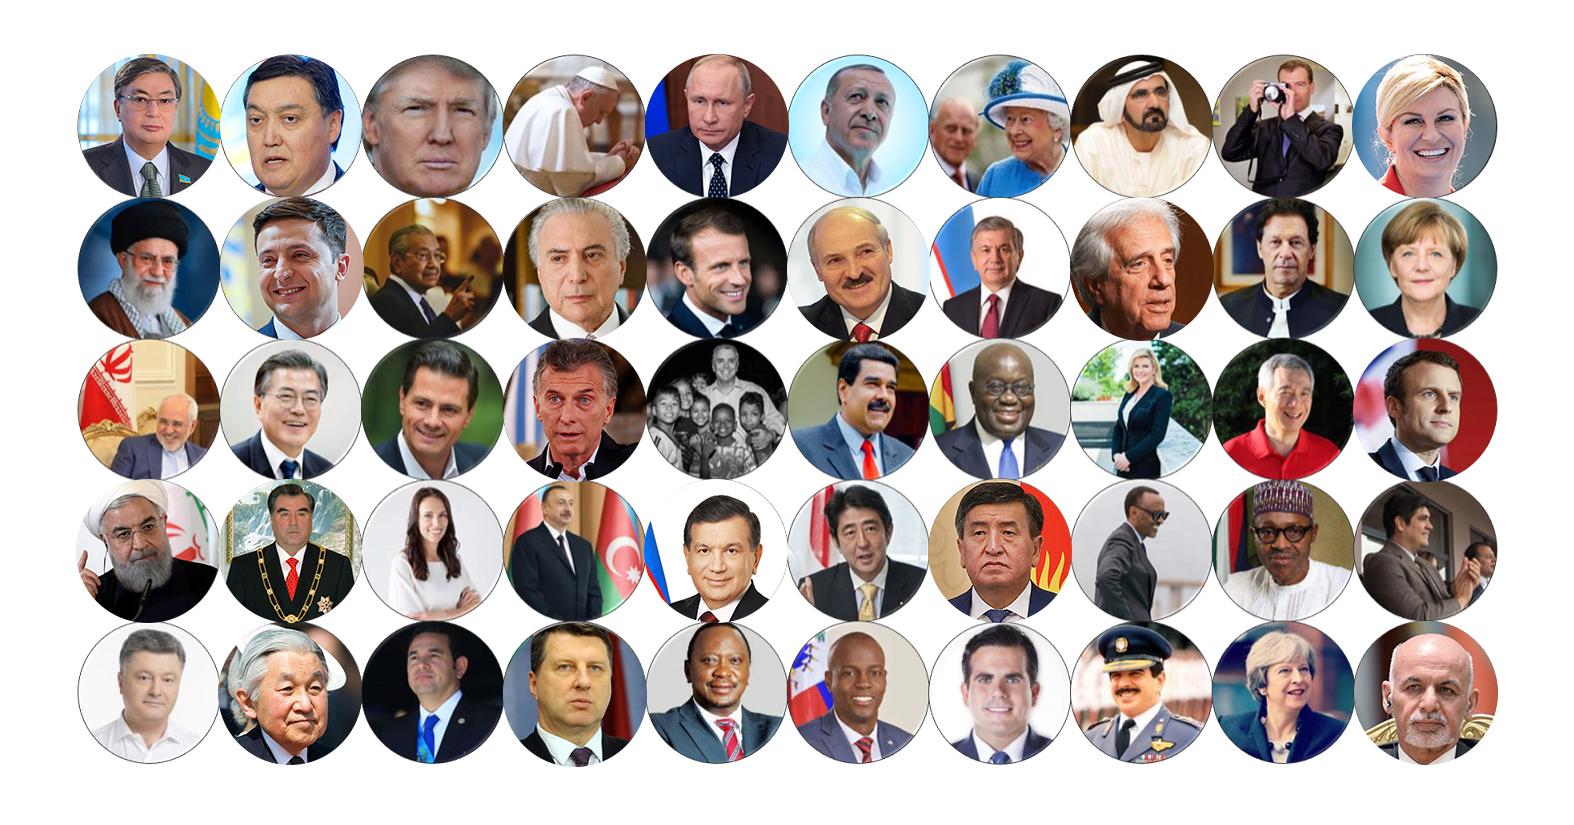 Президенты покоряют Сеть